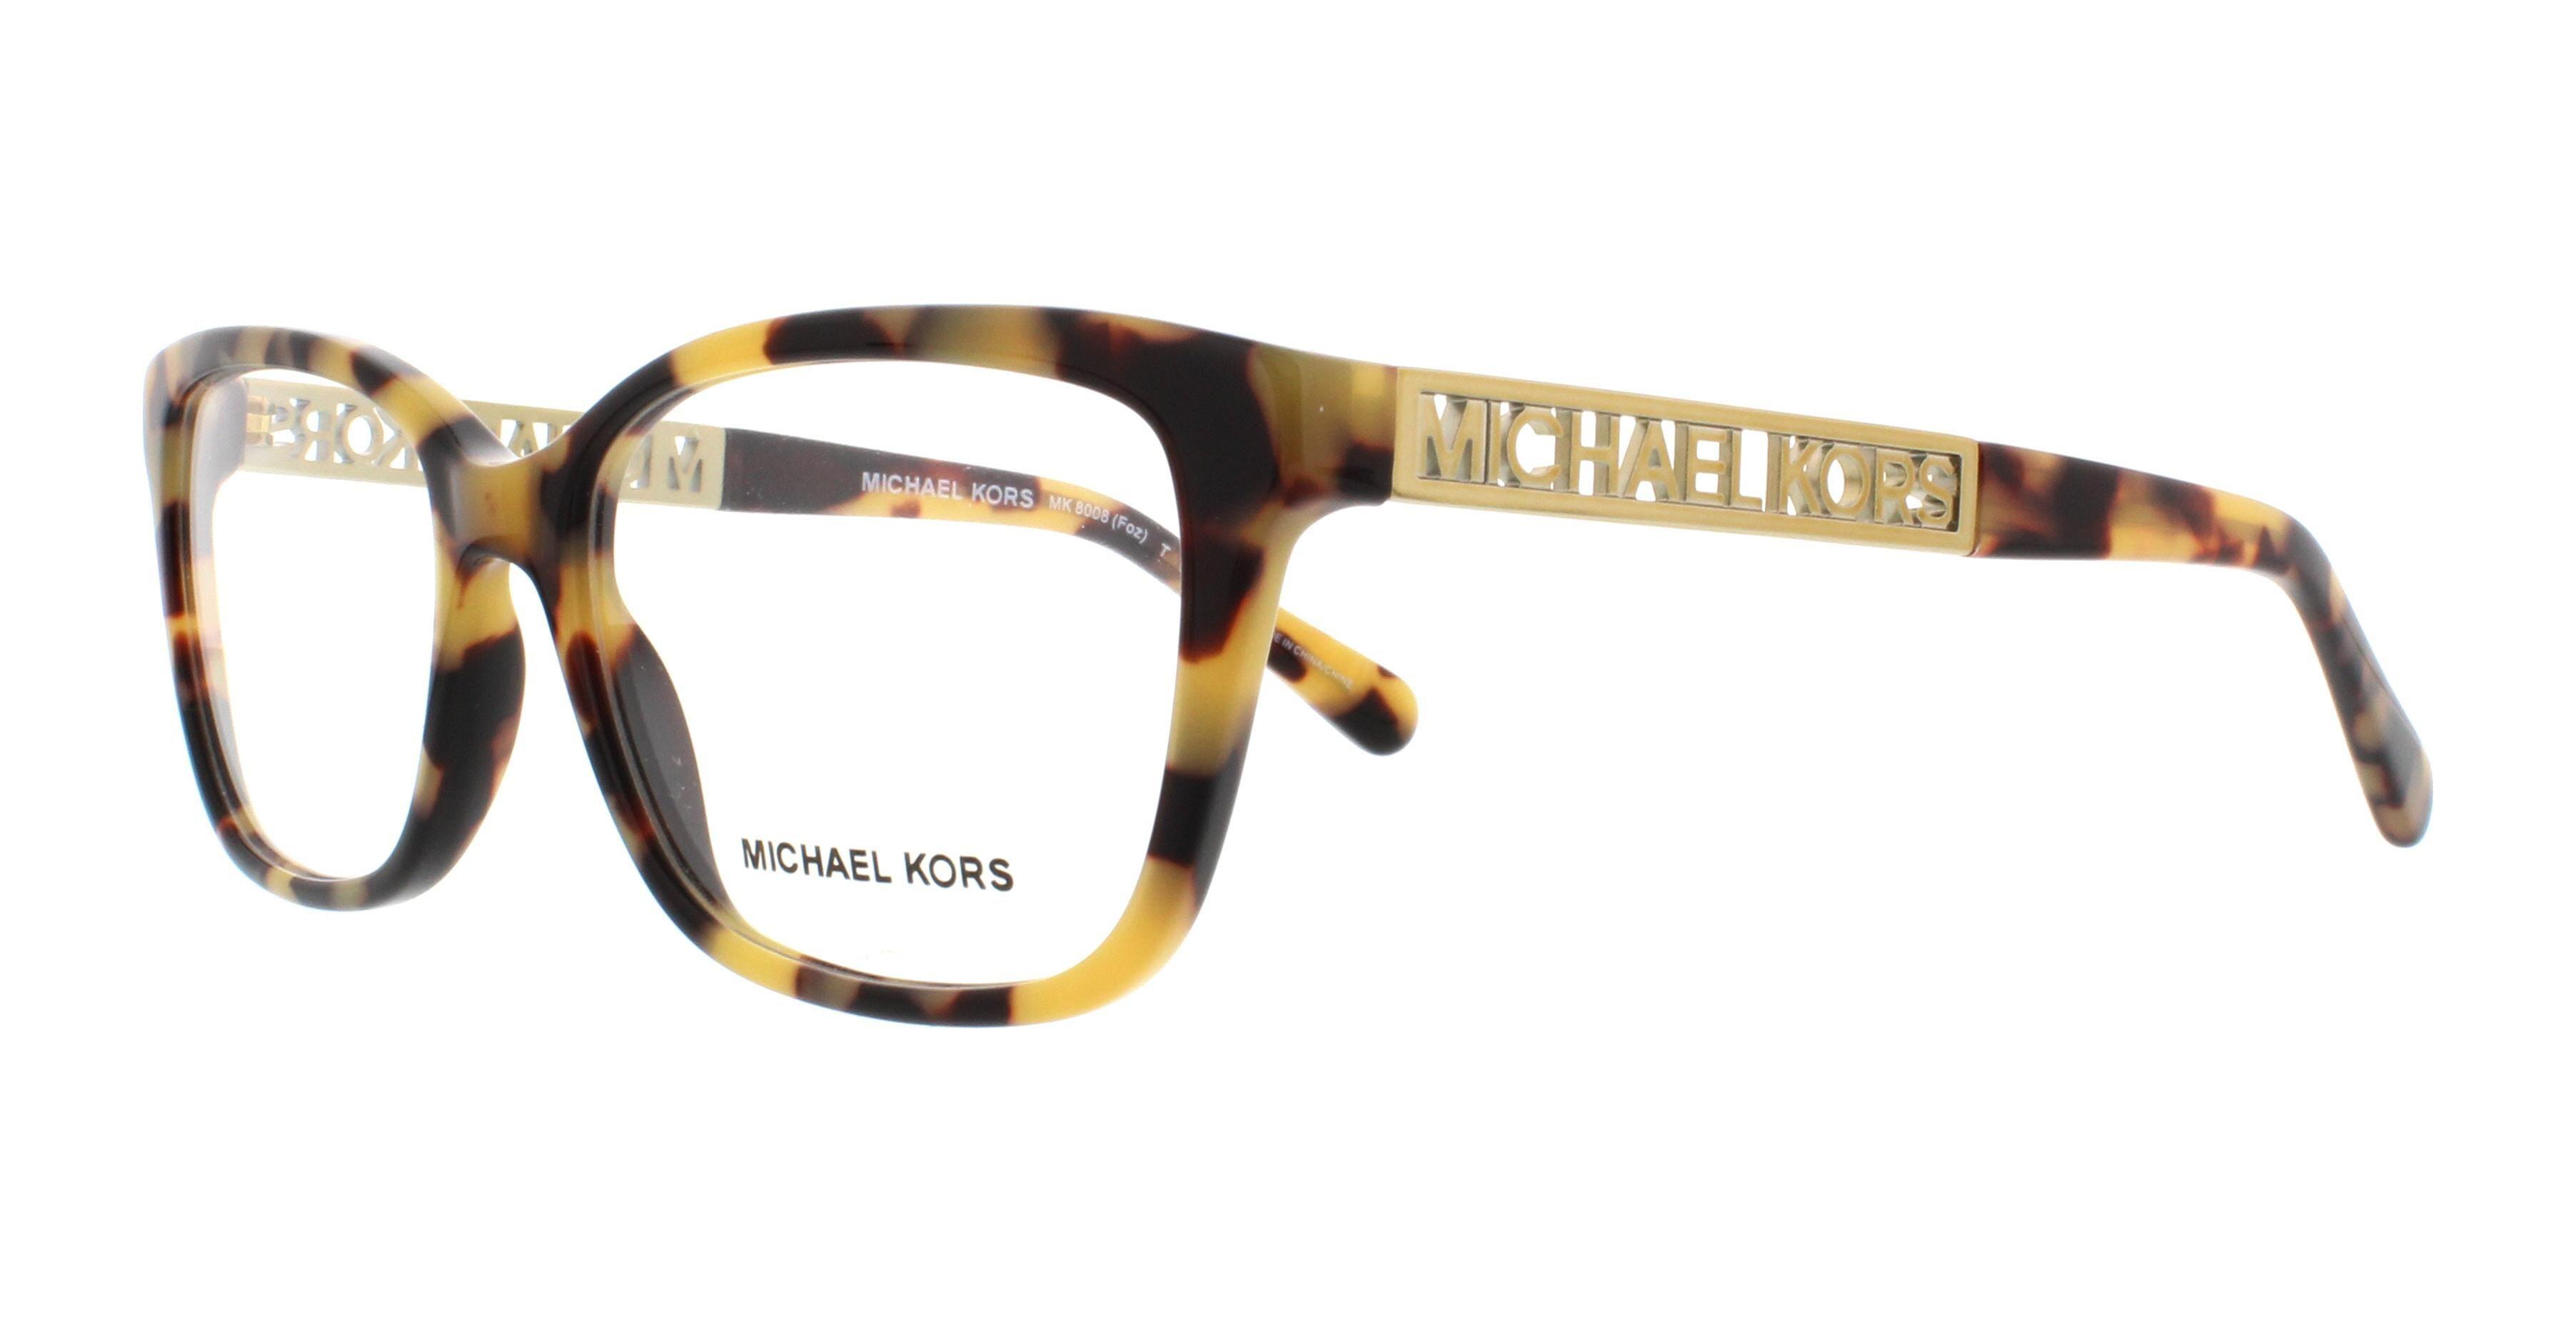 eaa92ed7410a5 Image result for michael kors glasses frames for women